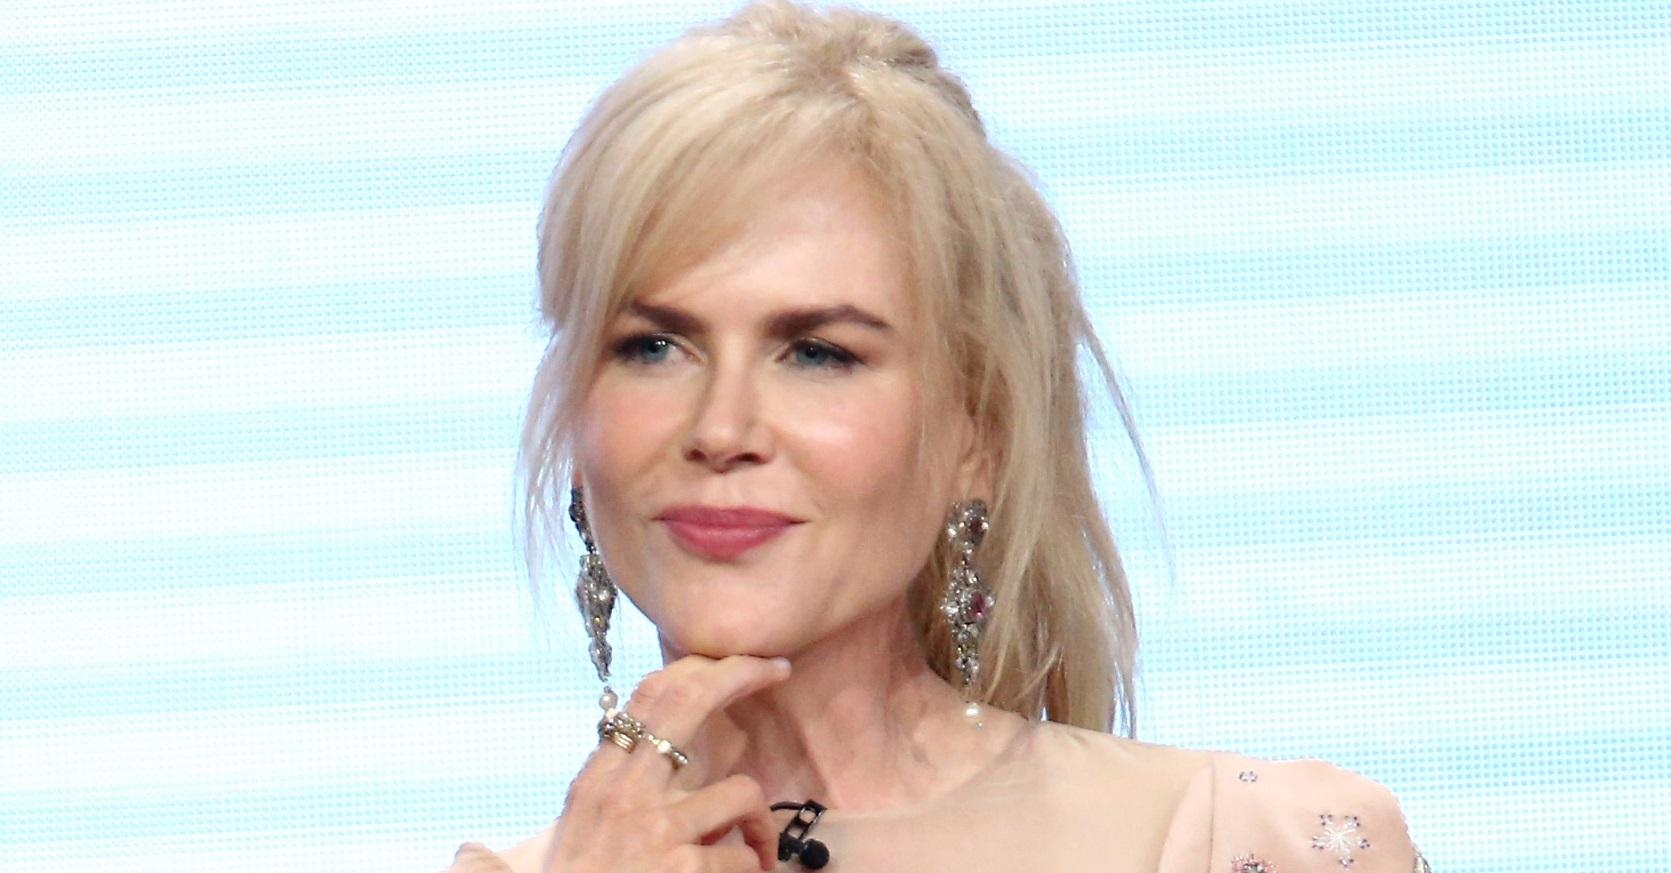 """Nicole Kidman revela segredo """"curioso"""" para manter o casamento saudável: """"Não quero isso entre meu amor e eu"""""""